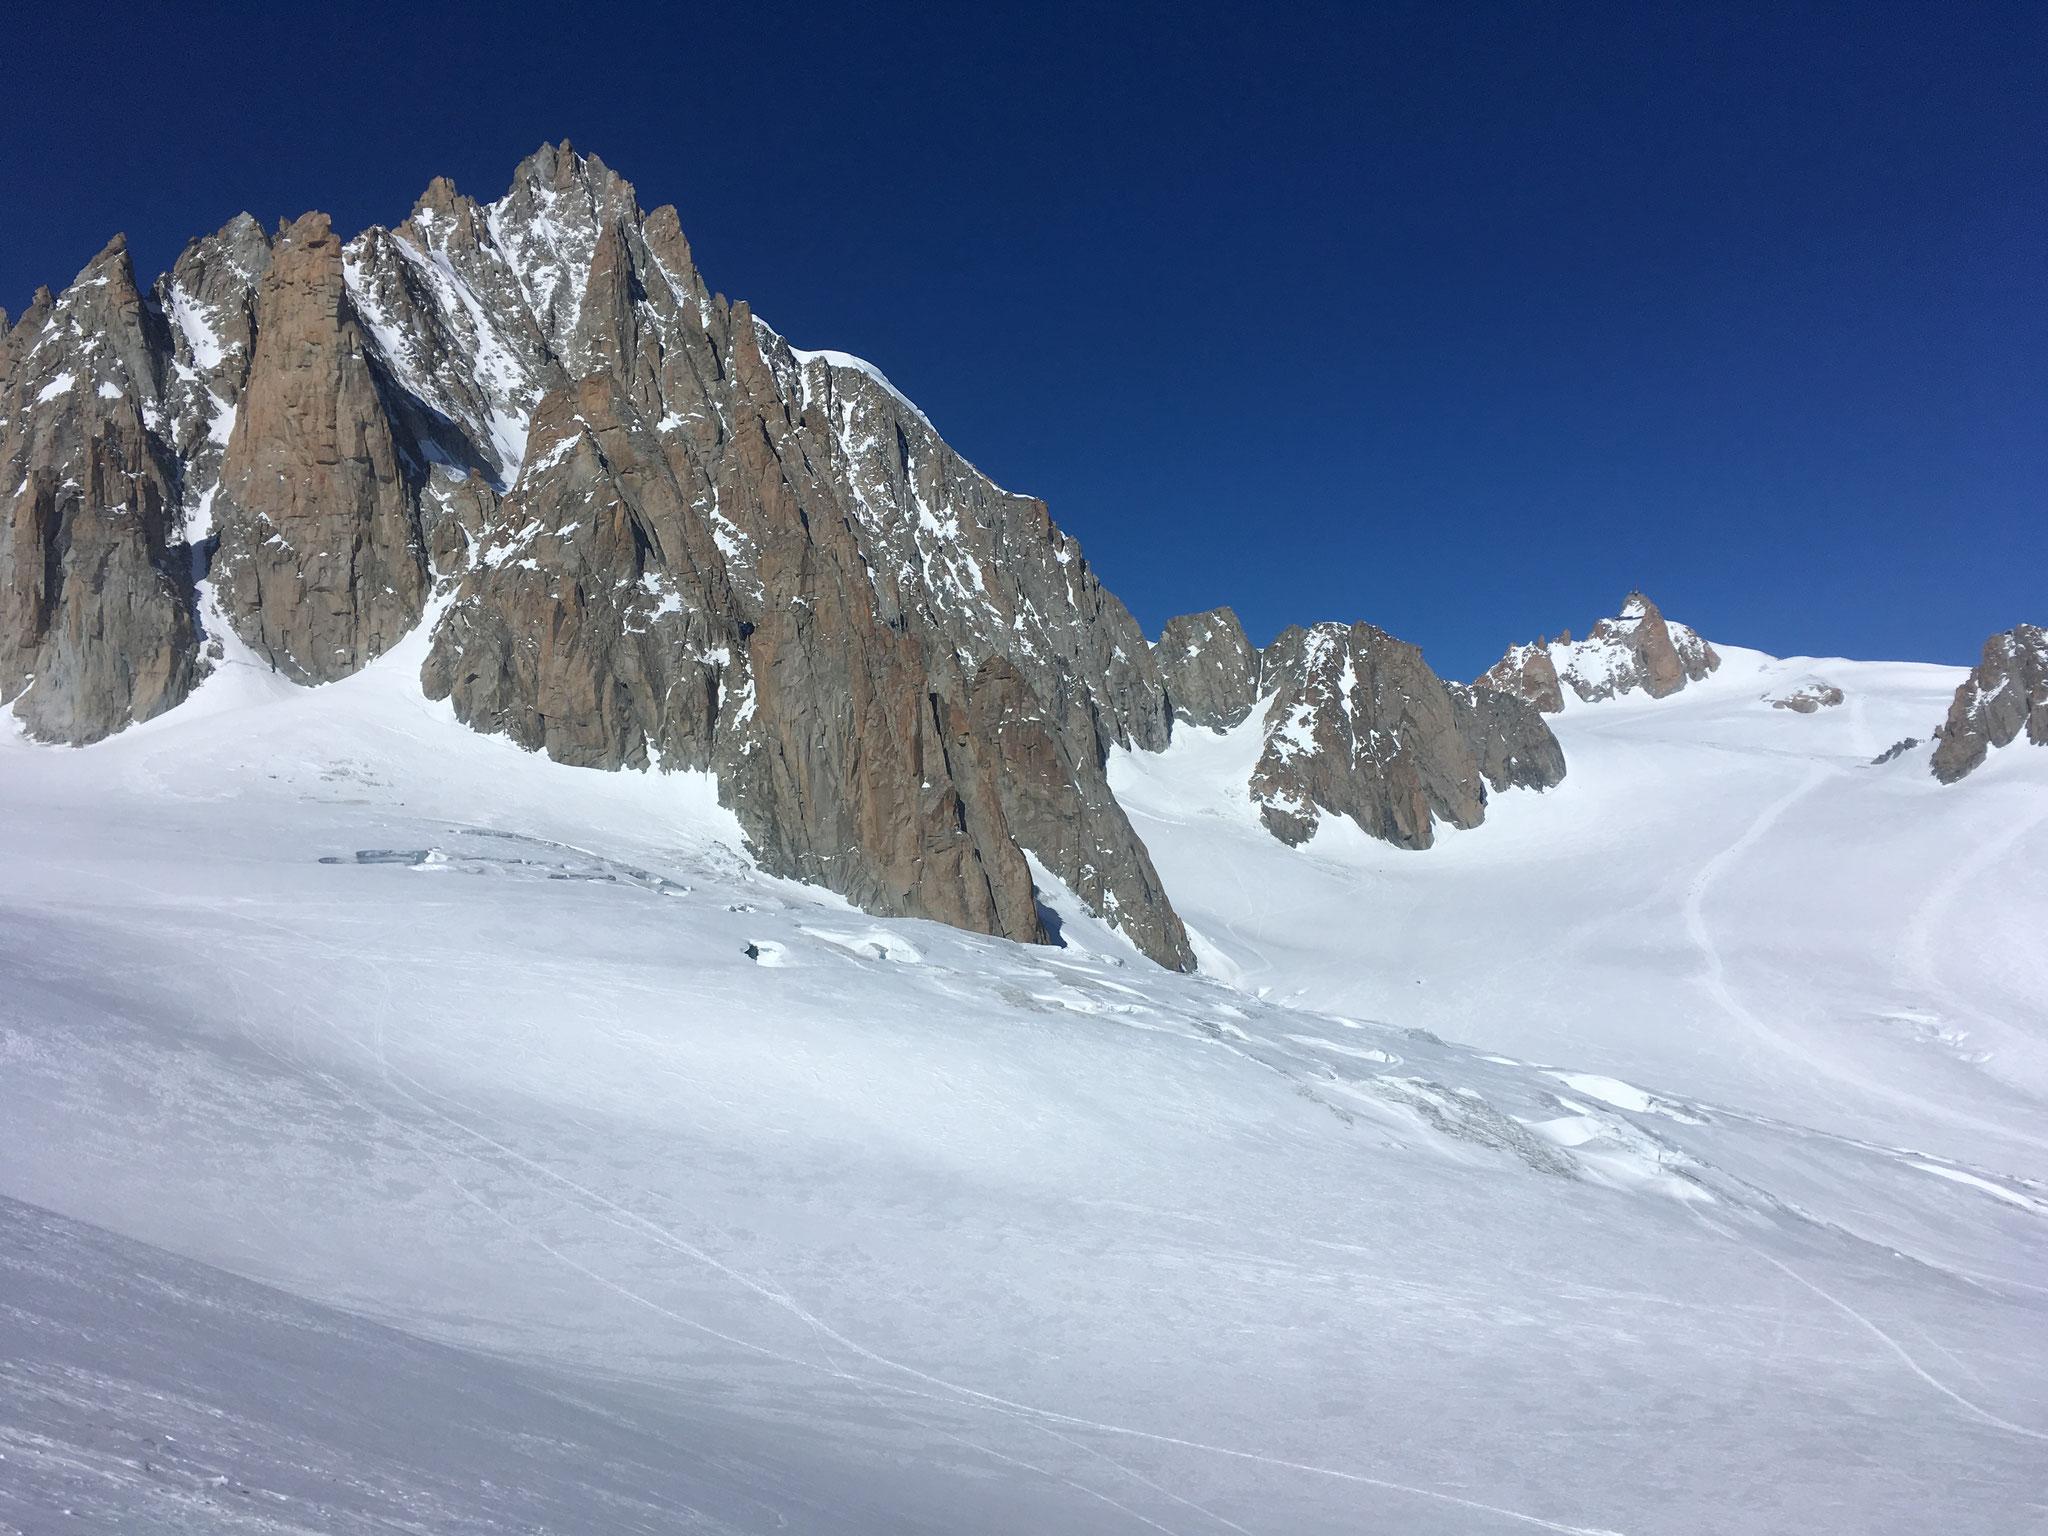 Le vaste bassin glaciaire de la Vallée Blanche. Au fond, l'Aiguille du Midi